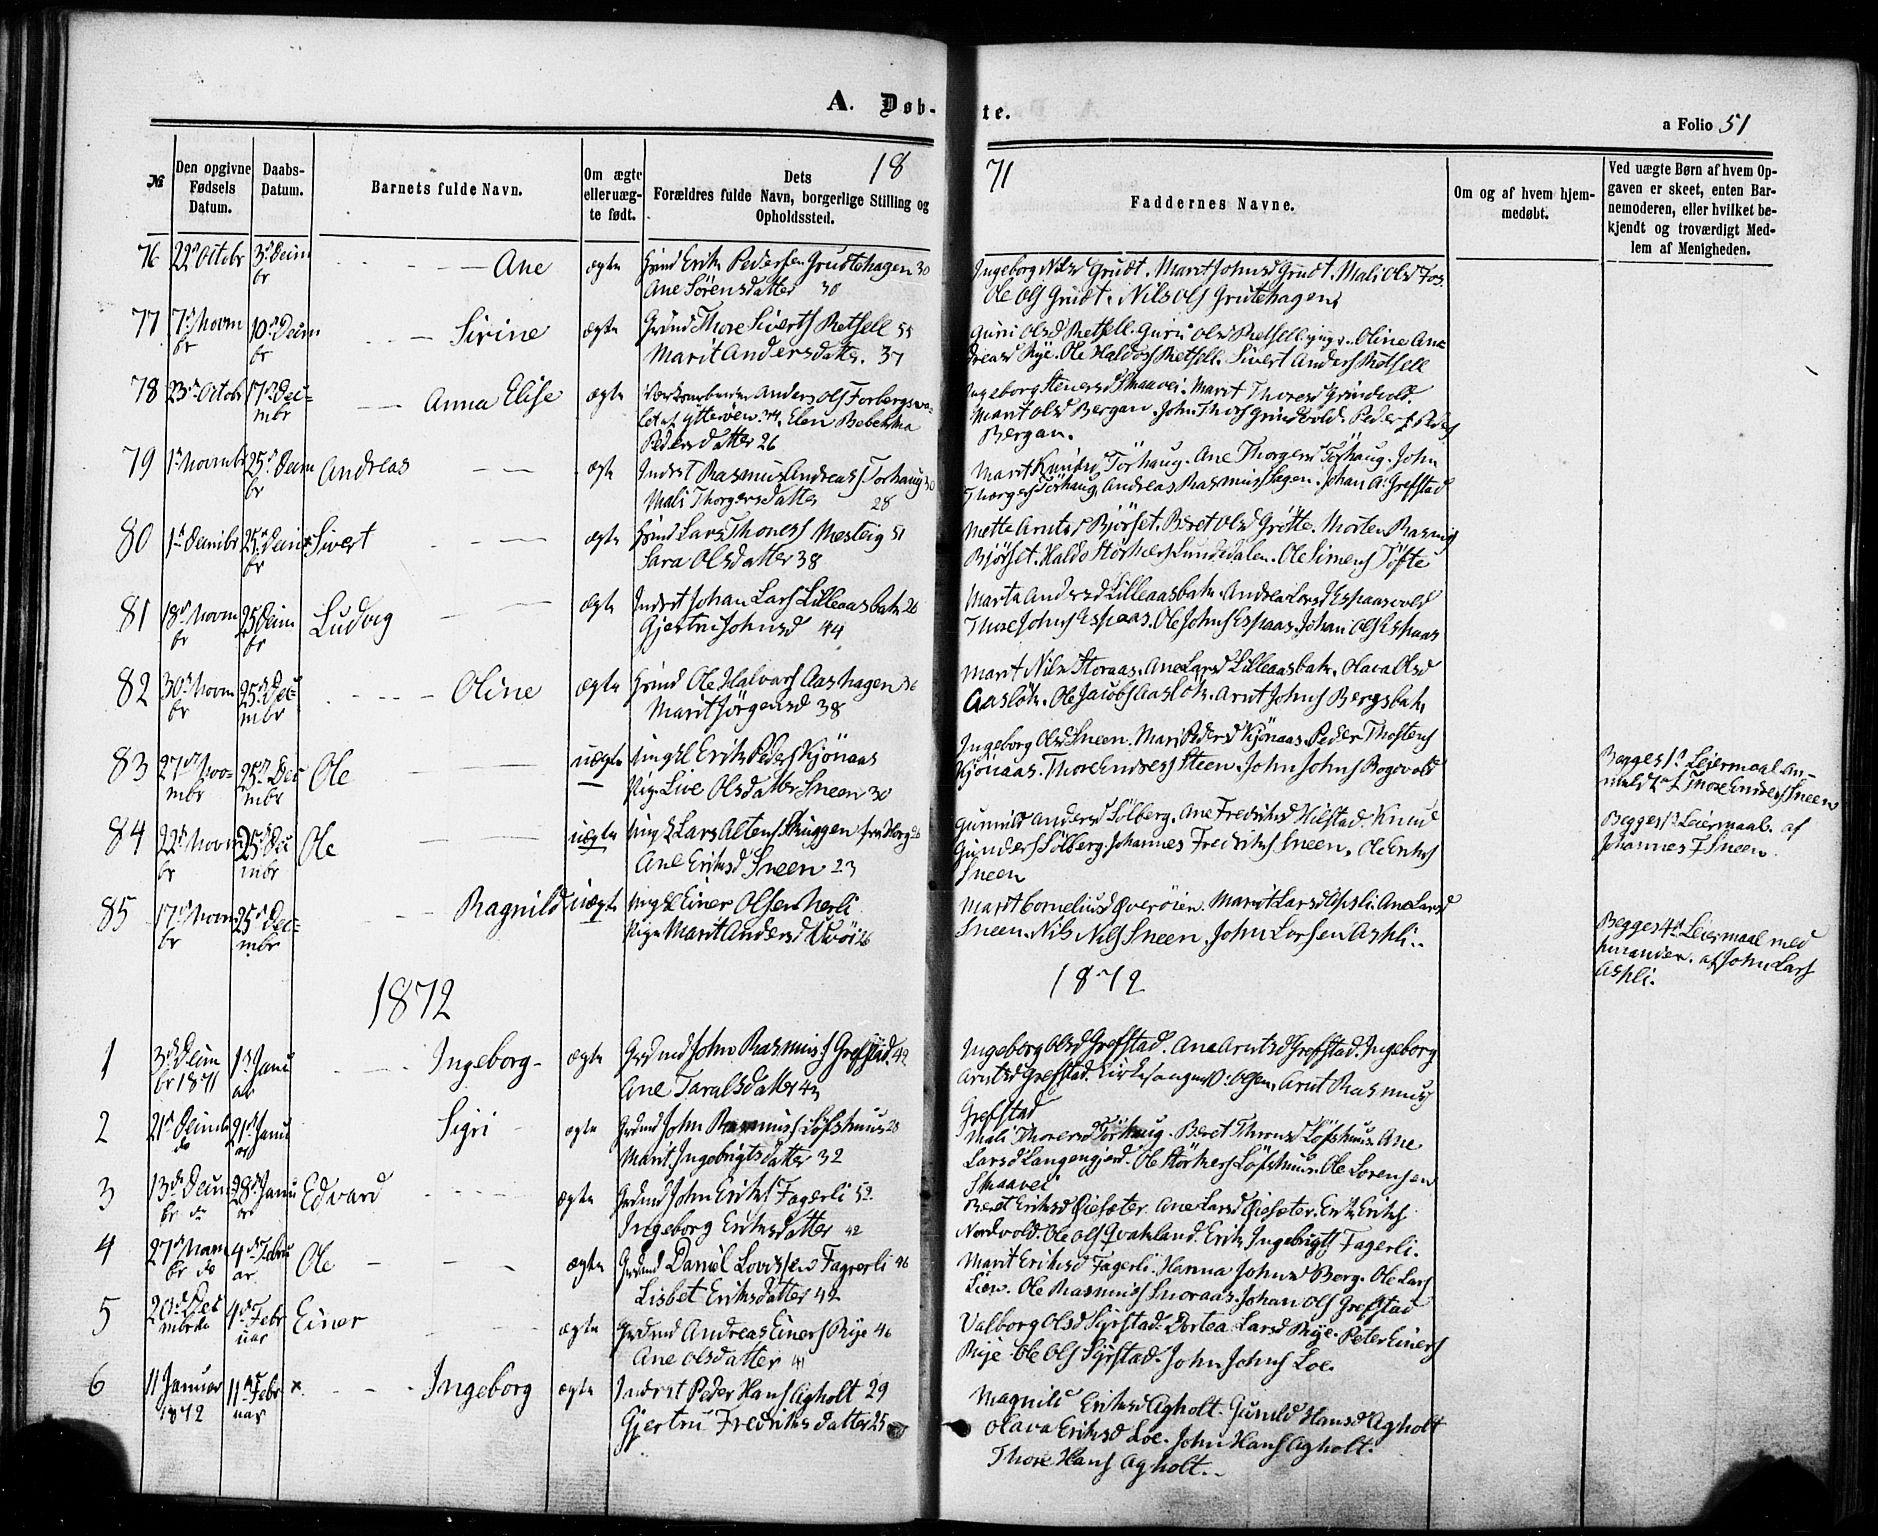 SAT, Ministerialprotokoller, klokkerbøker og fødselsregistre - Sør-Trøndelag, 672/L0856: Ministerialbok nr. 672A08, 1861-1881, s. 51